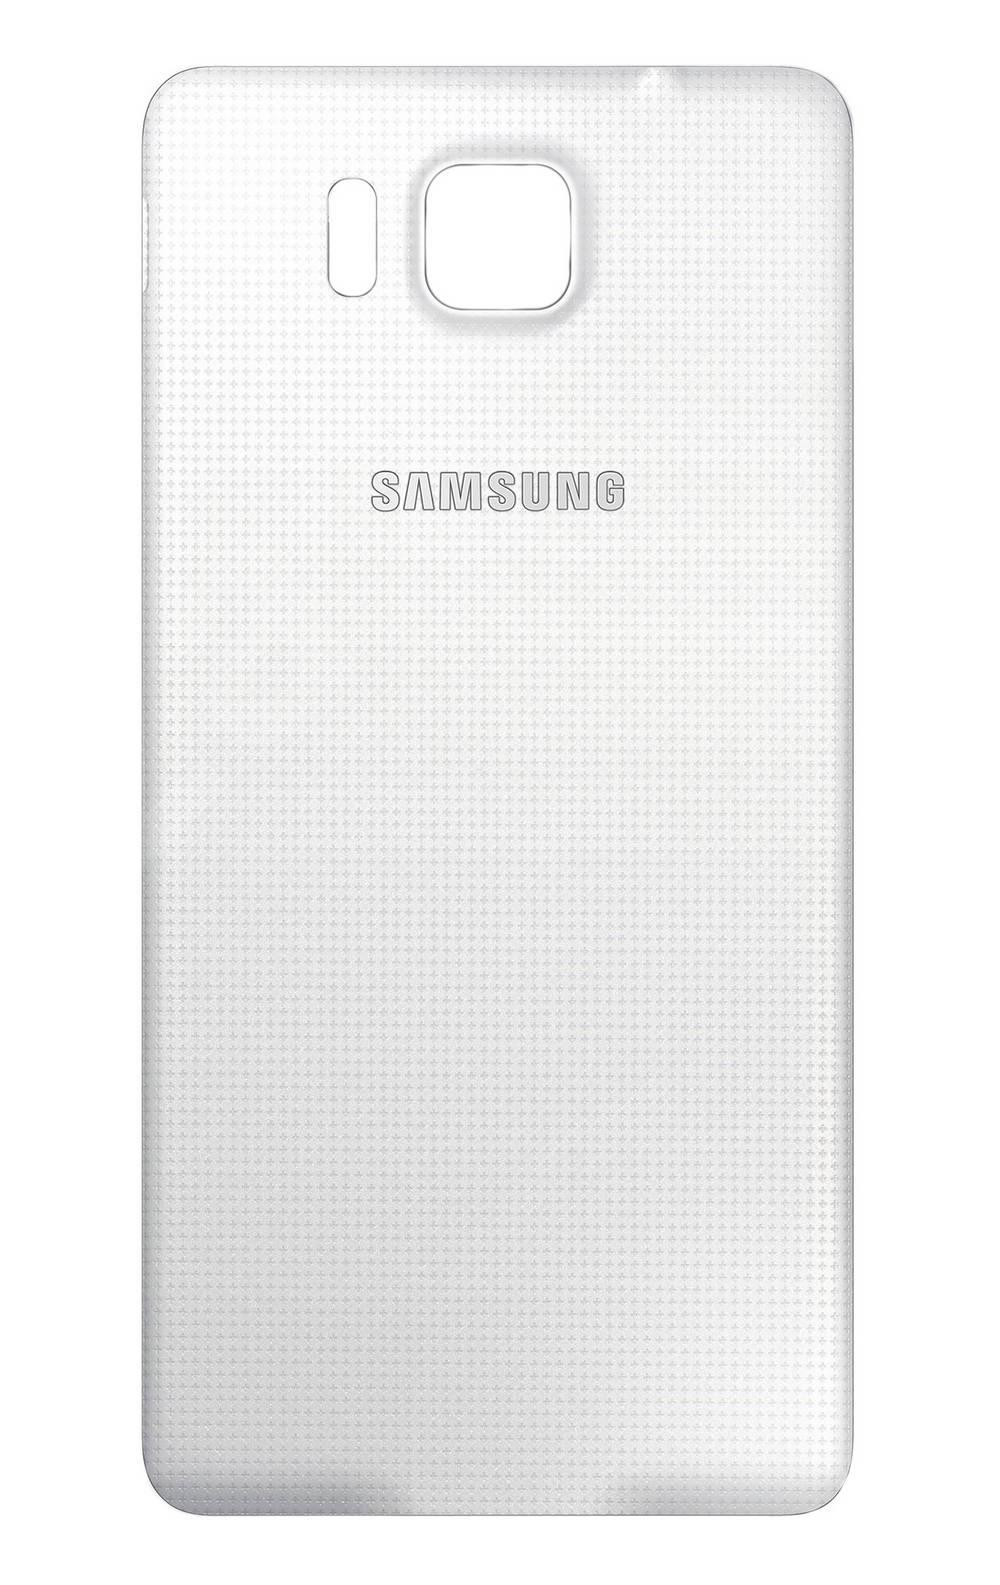 Καπάκι Μπαταρίας Samsung SM-G850F Galaxy Alpha Λευκό 4G Logo Original GH98-34643D